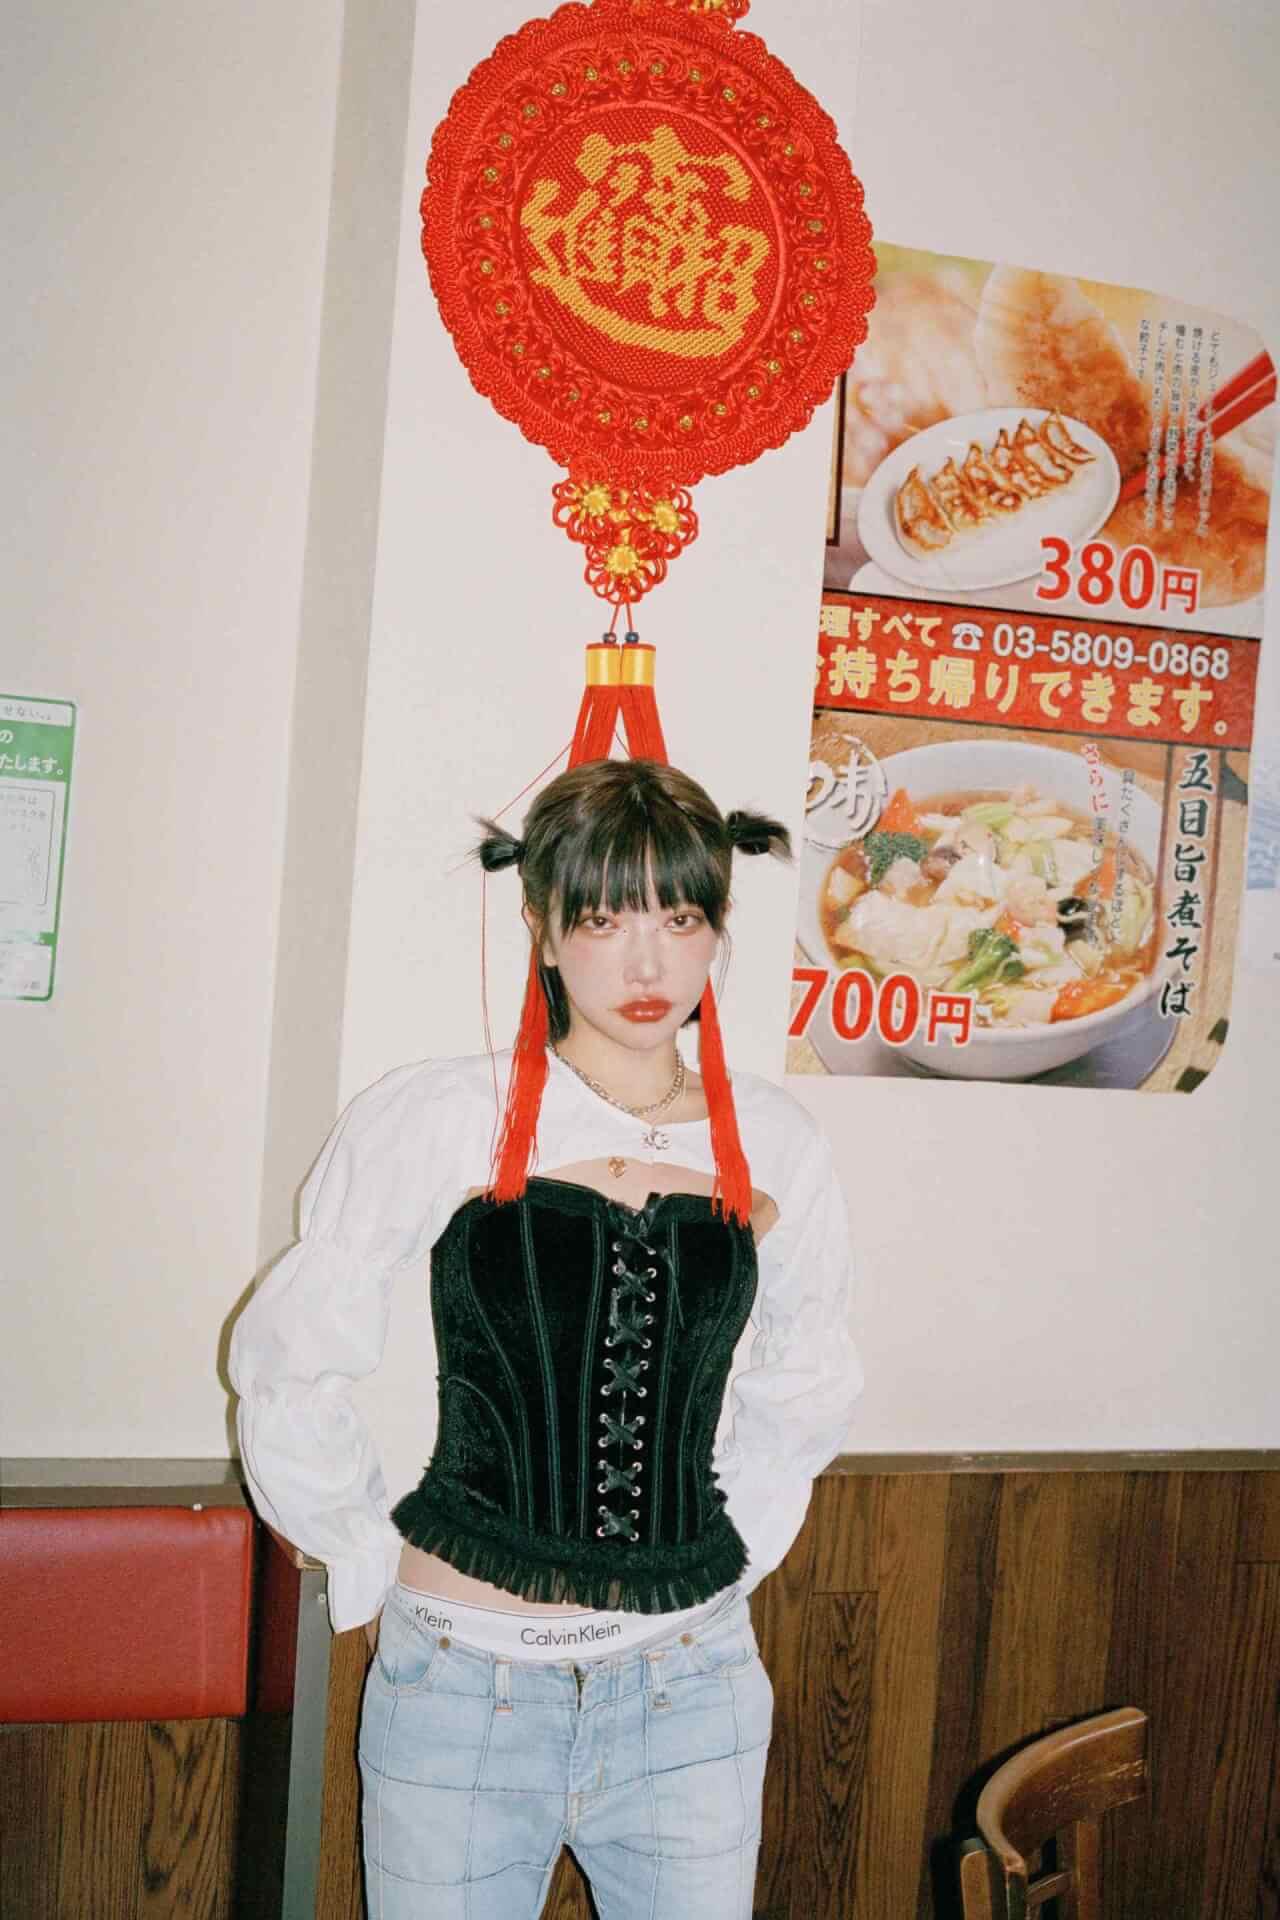 かてぃのファッションドキュメンタリーブック『ファッションカルト』の誌面カットが到着! lifefashion_katy_6